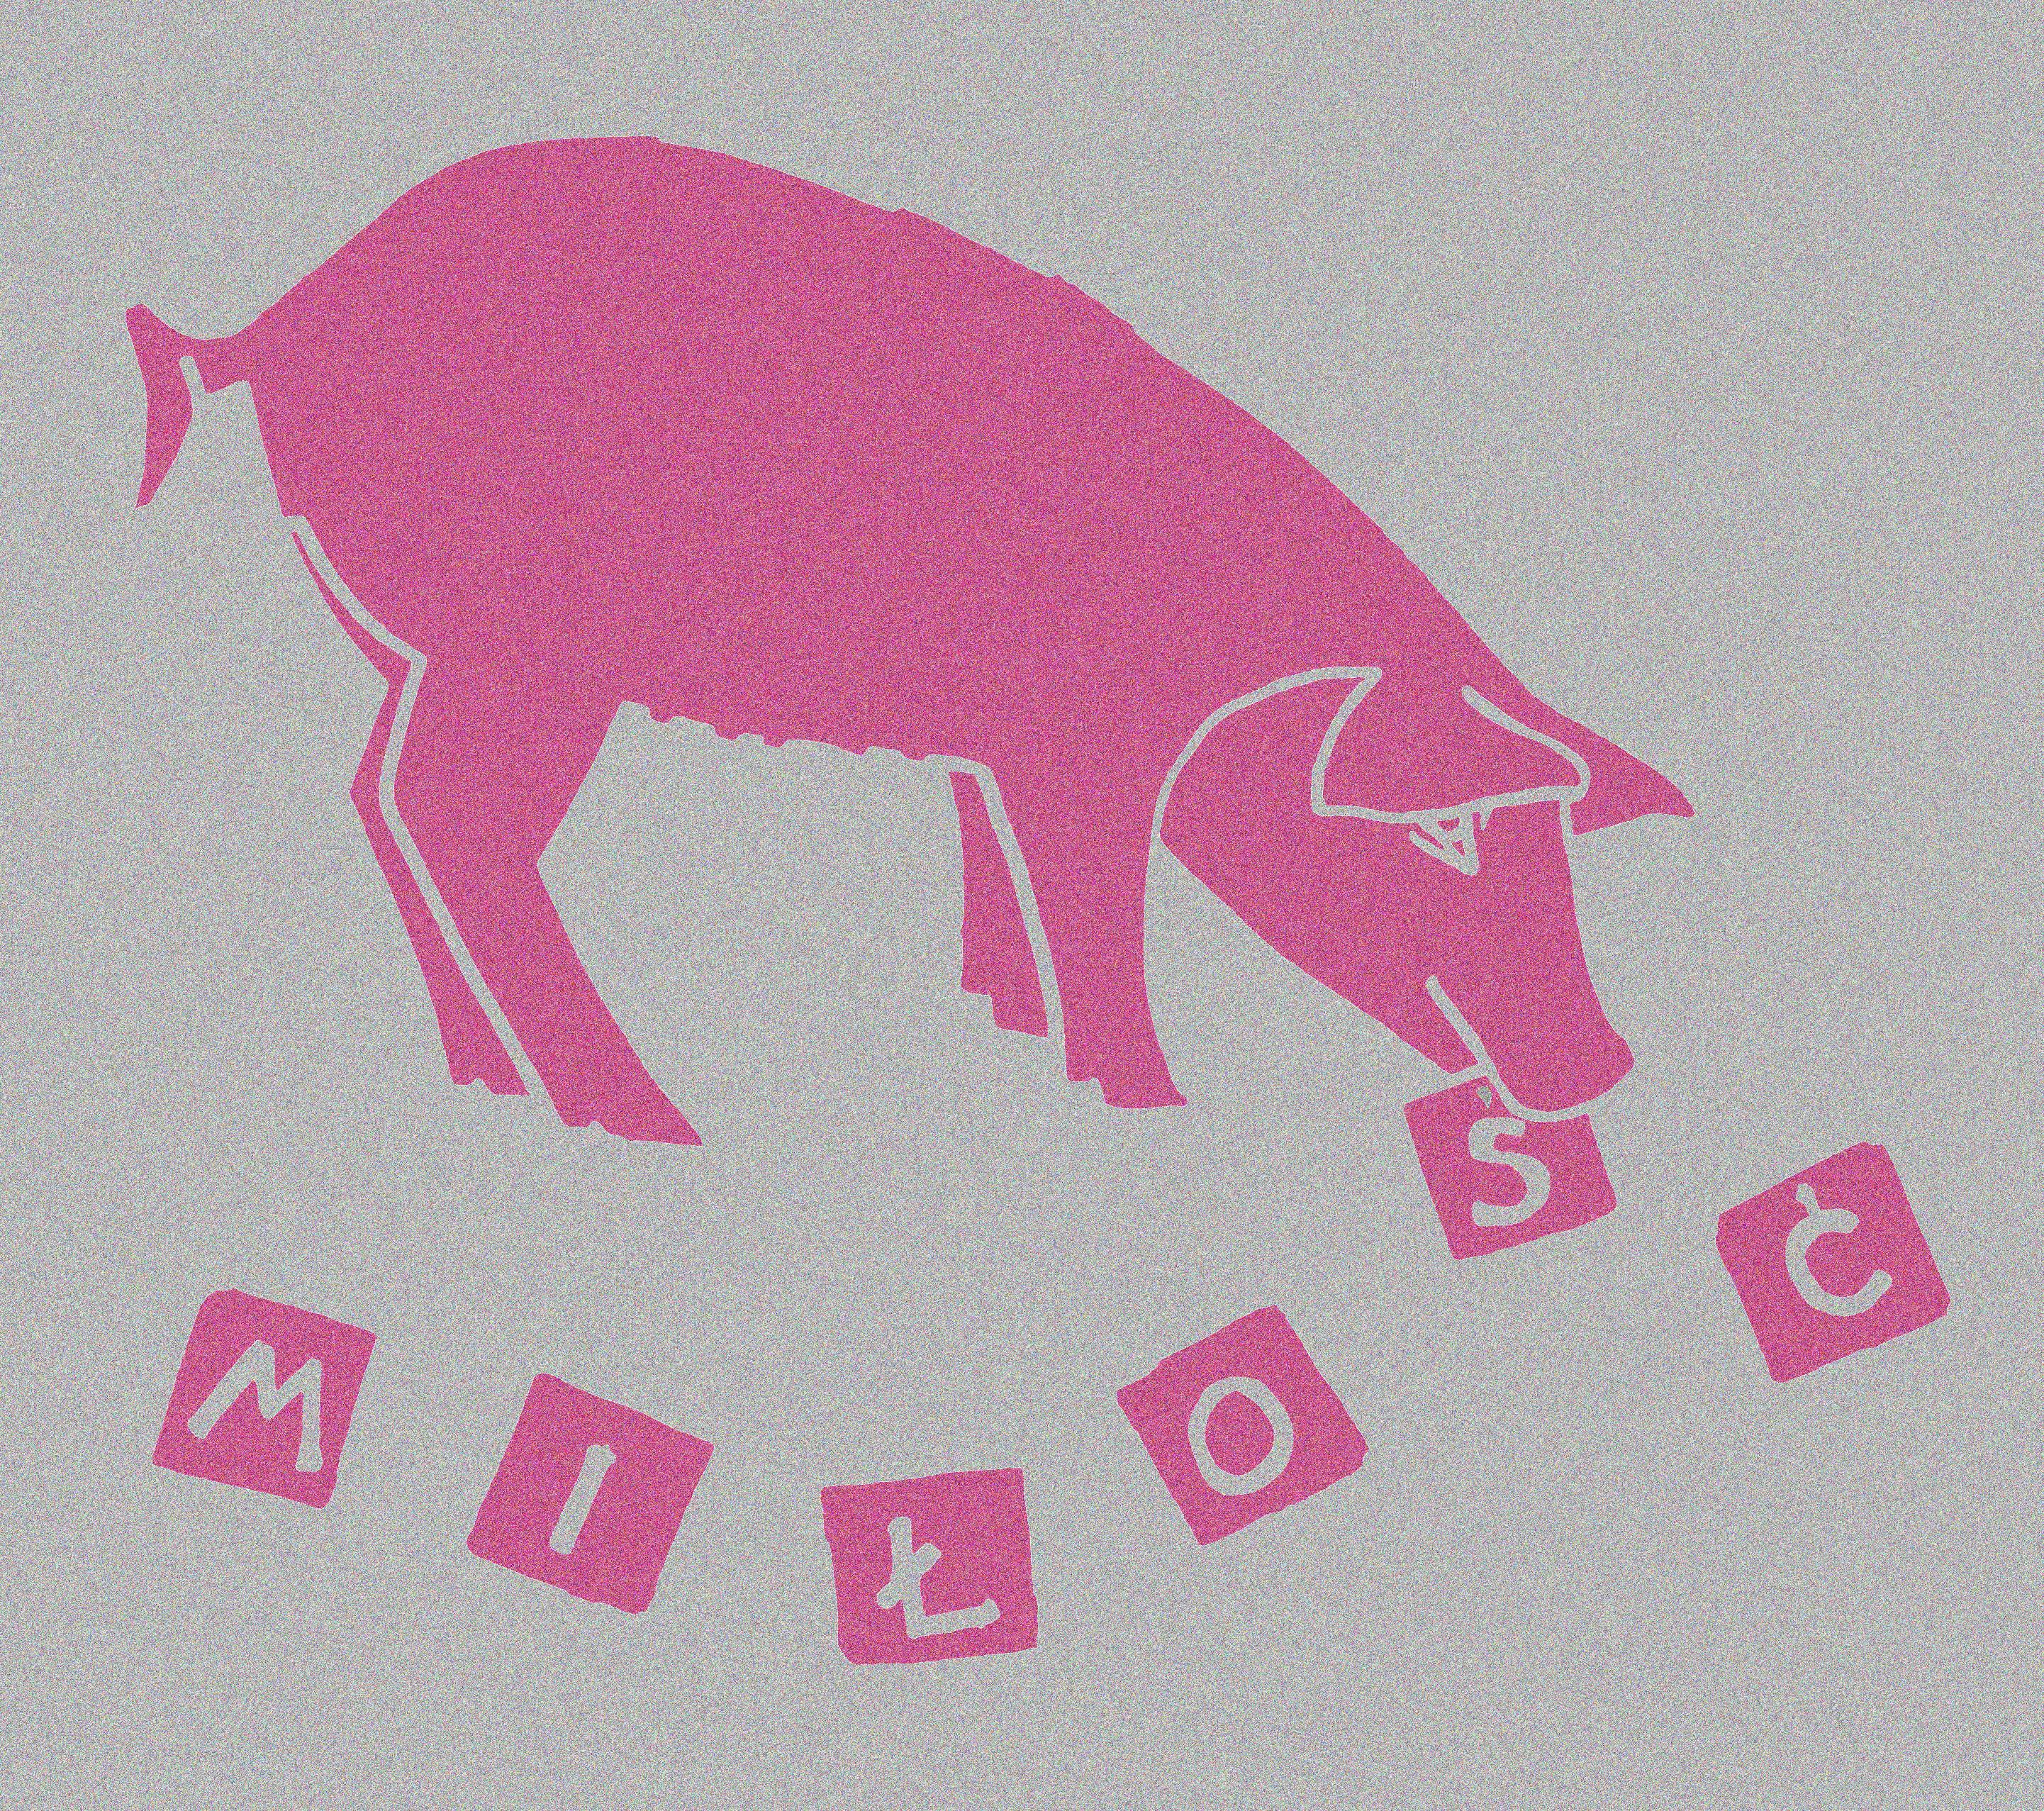 swinia-milosci